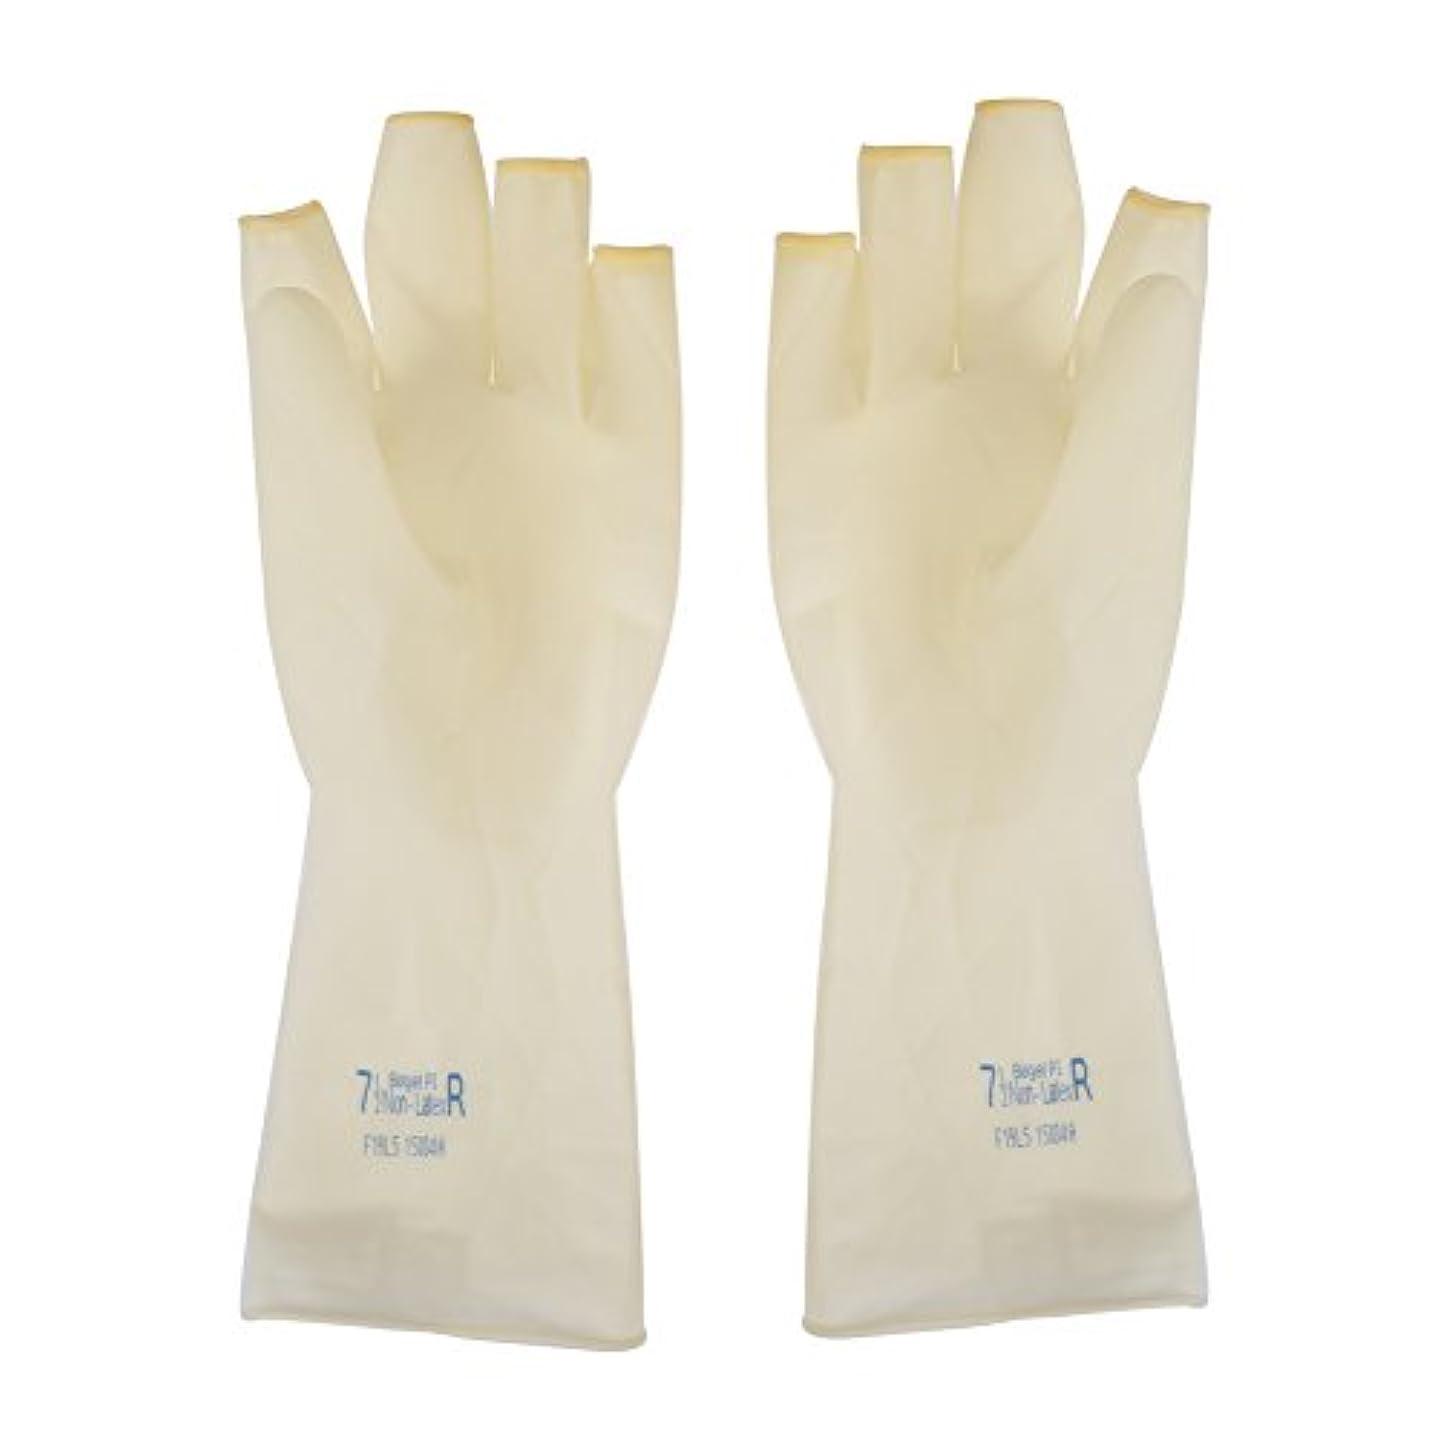 事故ラリーベルモント失われたAEdiea 1ペア ゴム手袋   毛染め手袋 使い捨て 弾性 伸縮性 ヘアサロン サロンツール (M)